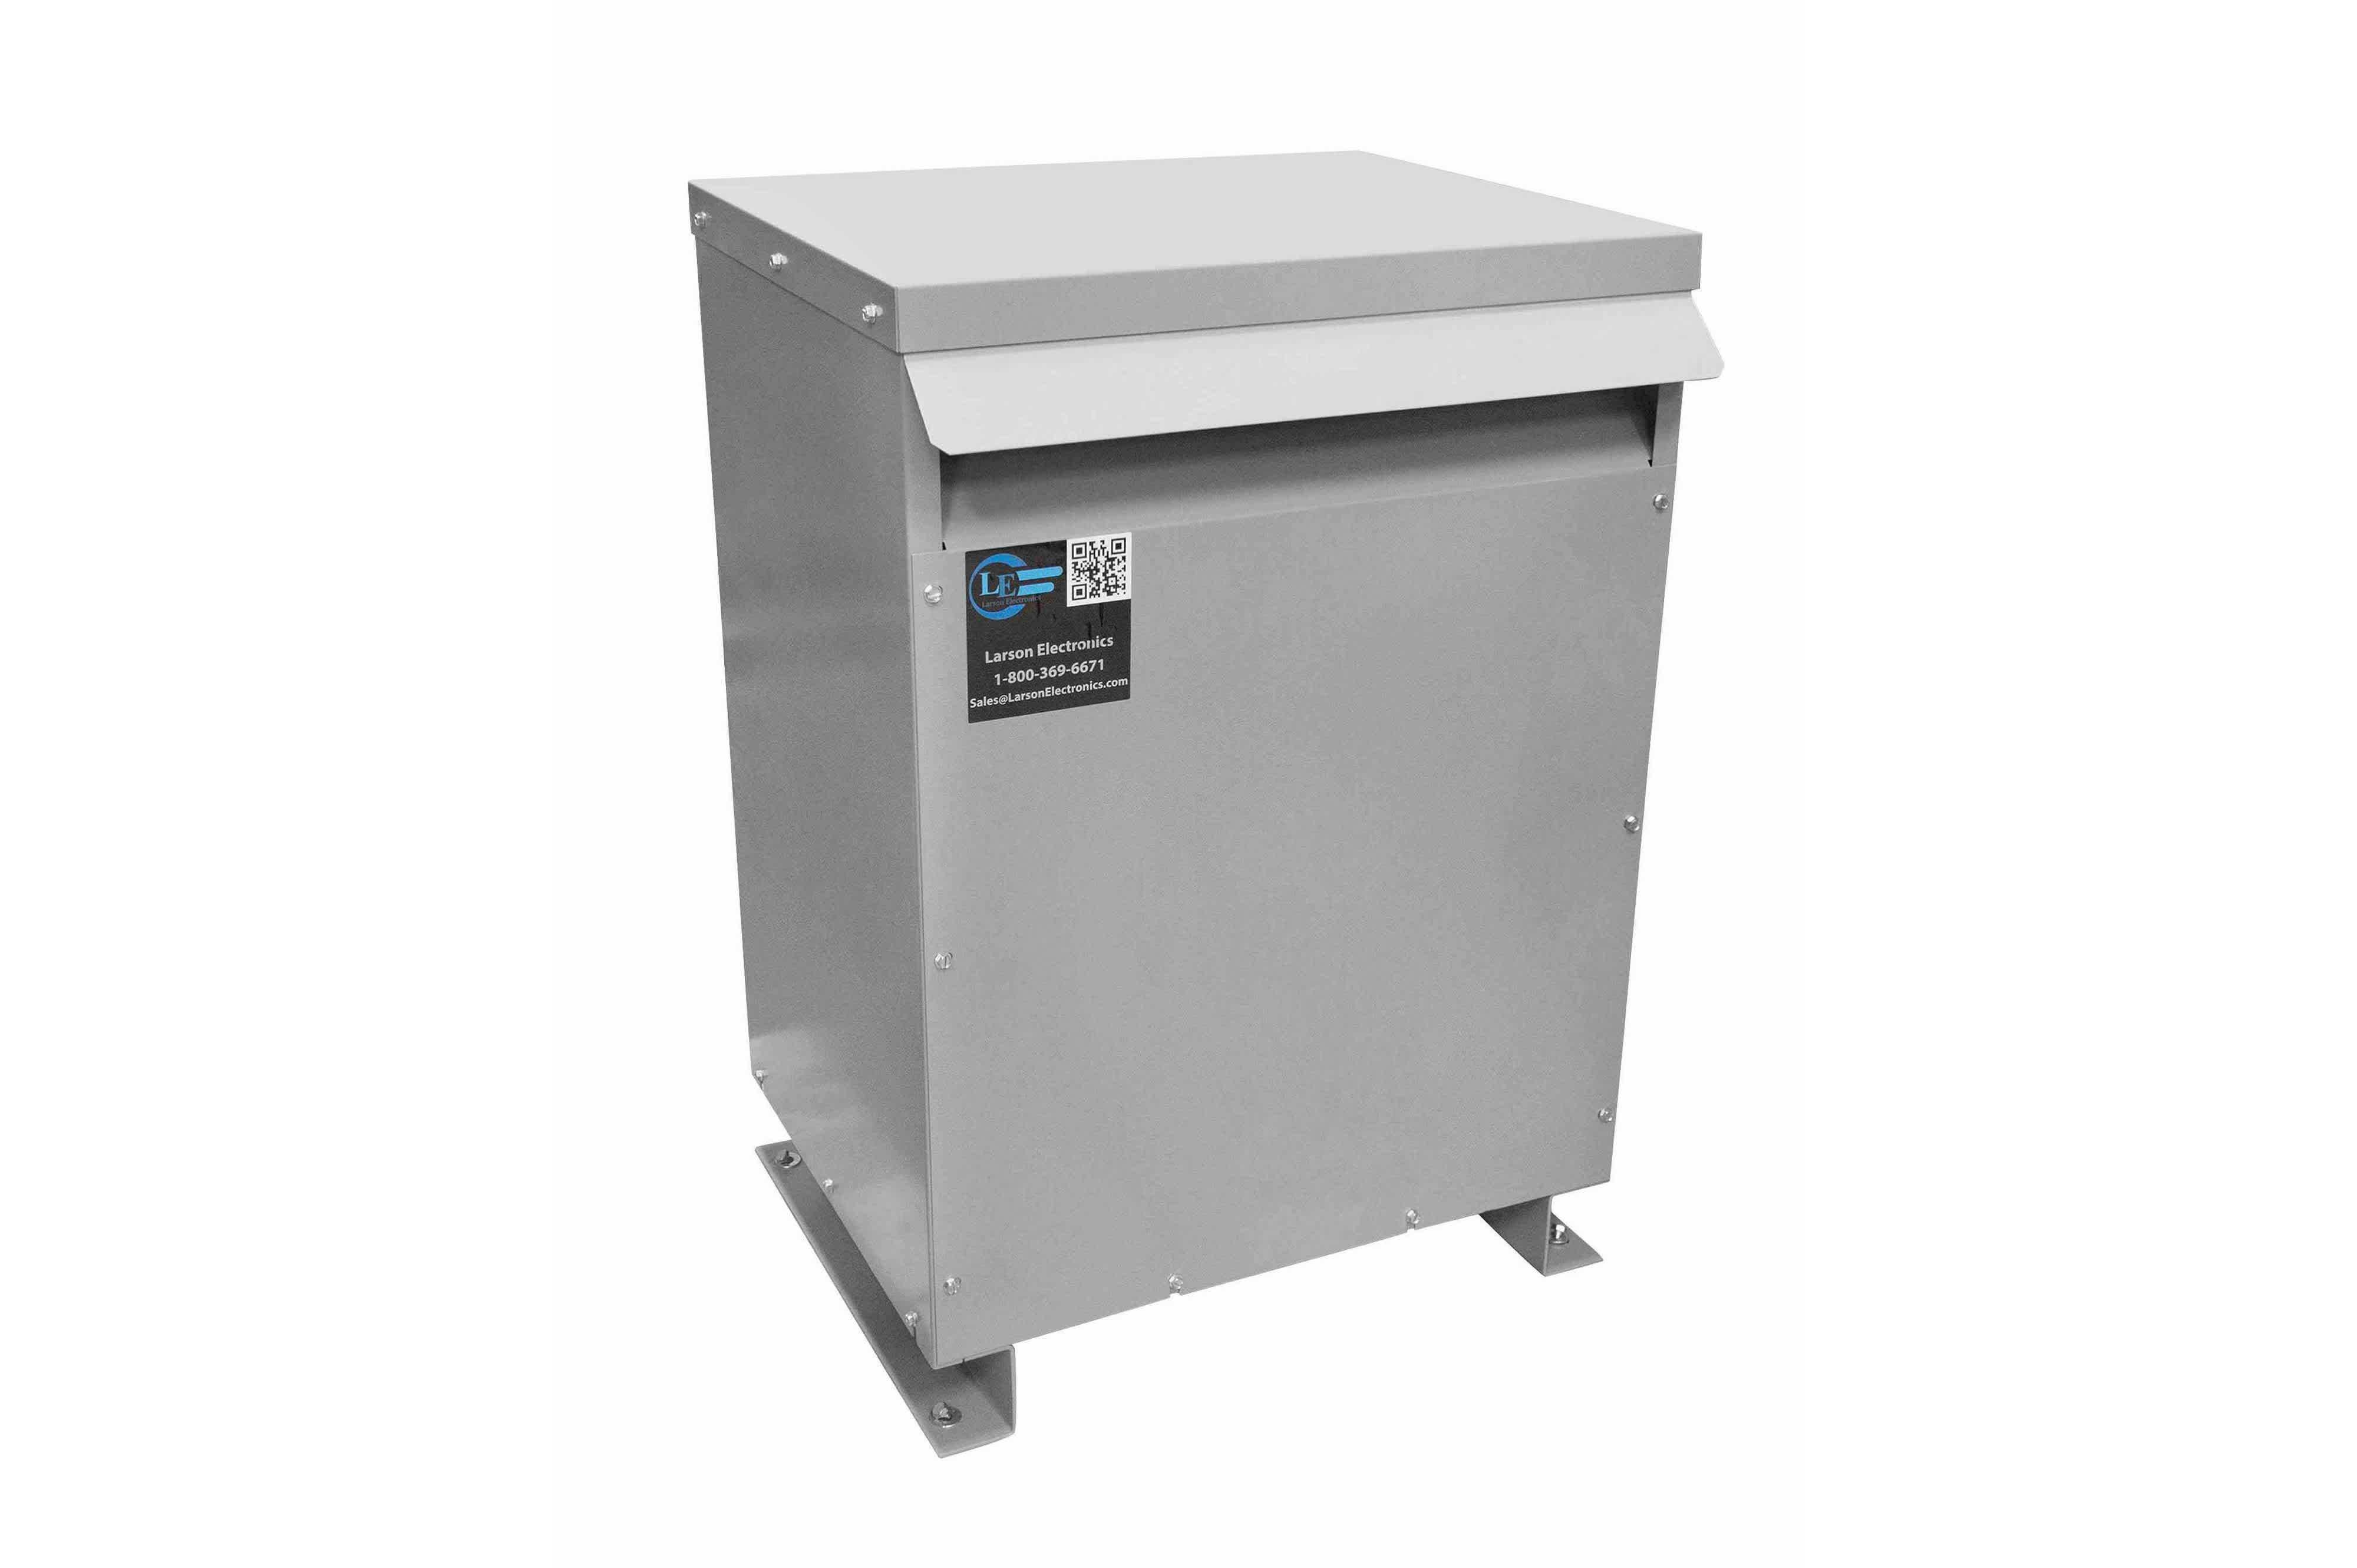 10 kVA 3PH Isolation Transformer, 415V Delta Primary, 480V Delta Secondary, N3R, Ventilated, 60 Hz